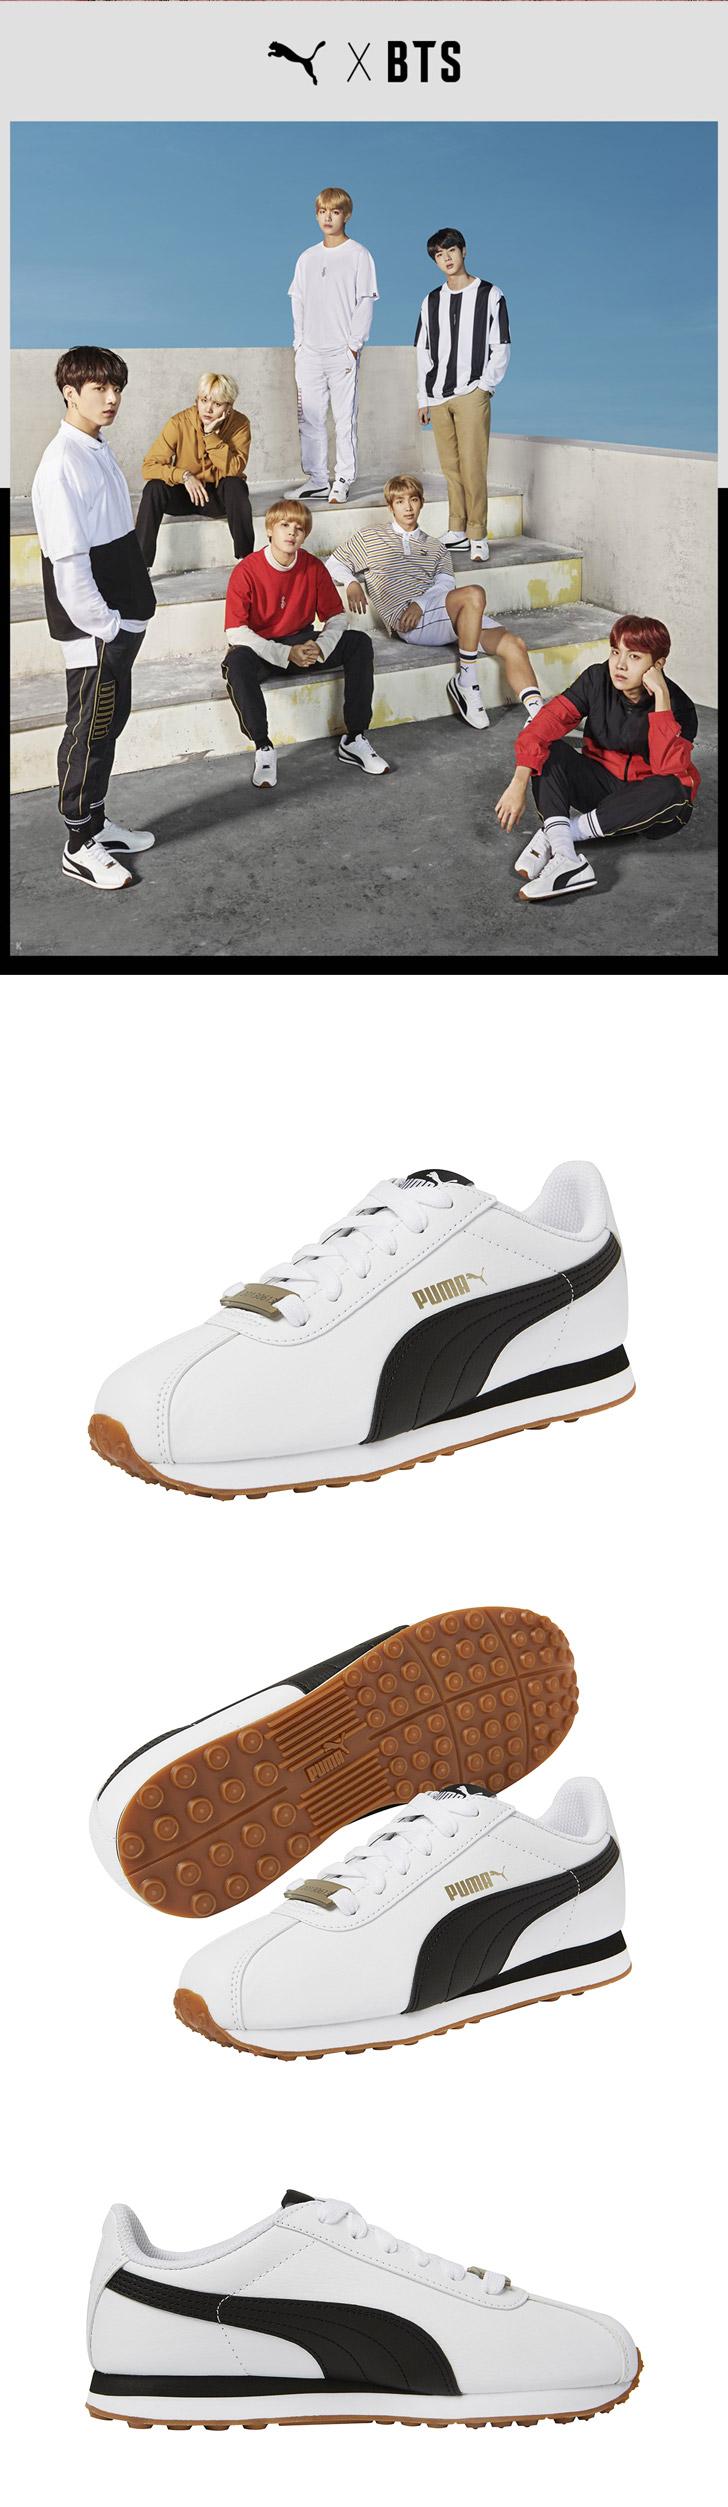 latest fashion where to buy elegant shoes BTS x PUMA Turin Shoes